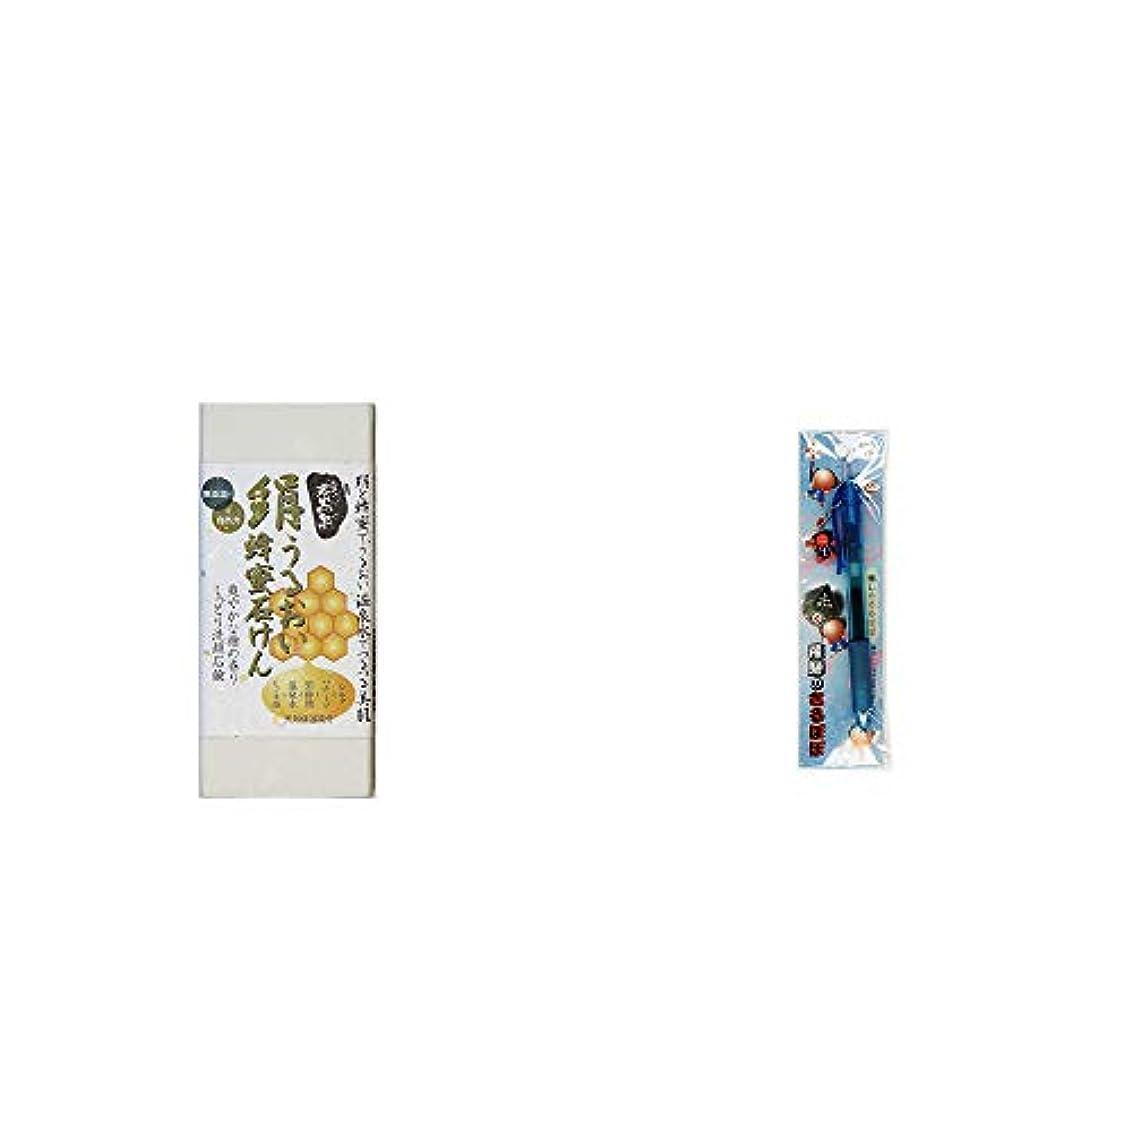 群衆リブ冗談で[2点セット] ひのき炭黒泉 絹うるおい蜂蜜石けん(75g×2)?さるぼぼ 癒しボールペン 【ブルー】